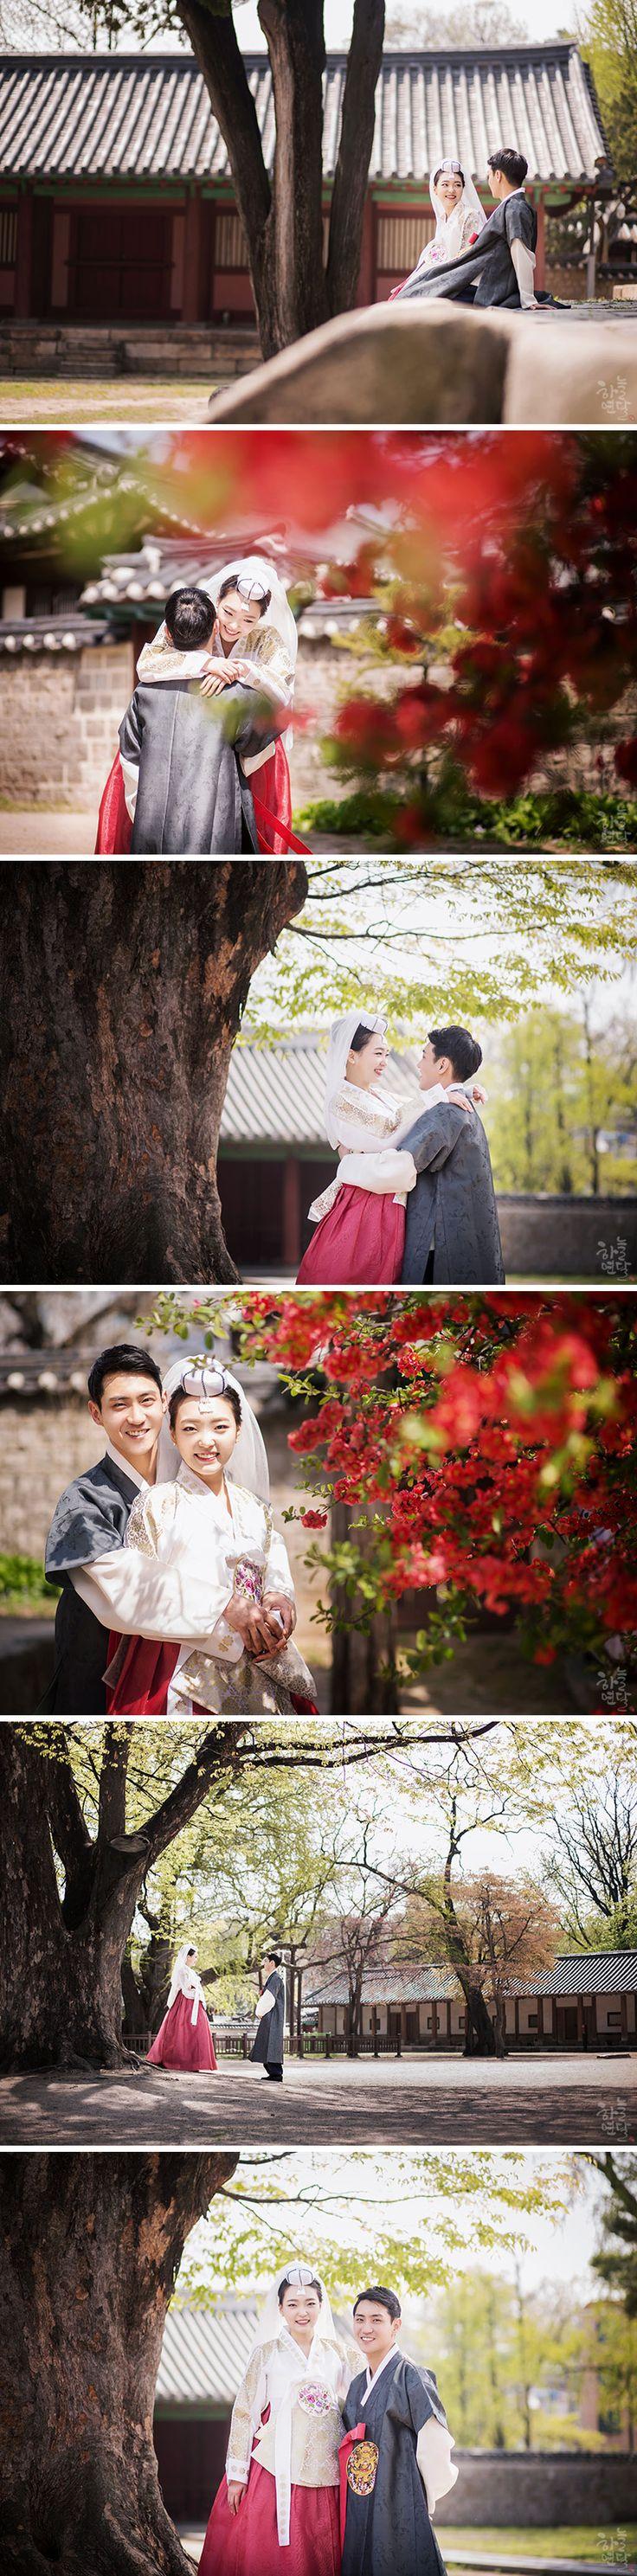 Korean wedding photography in Hanbok - a Korean traditional outfit.